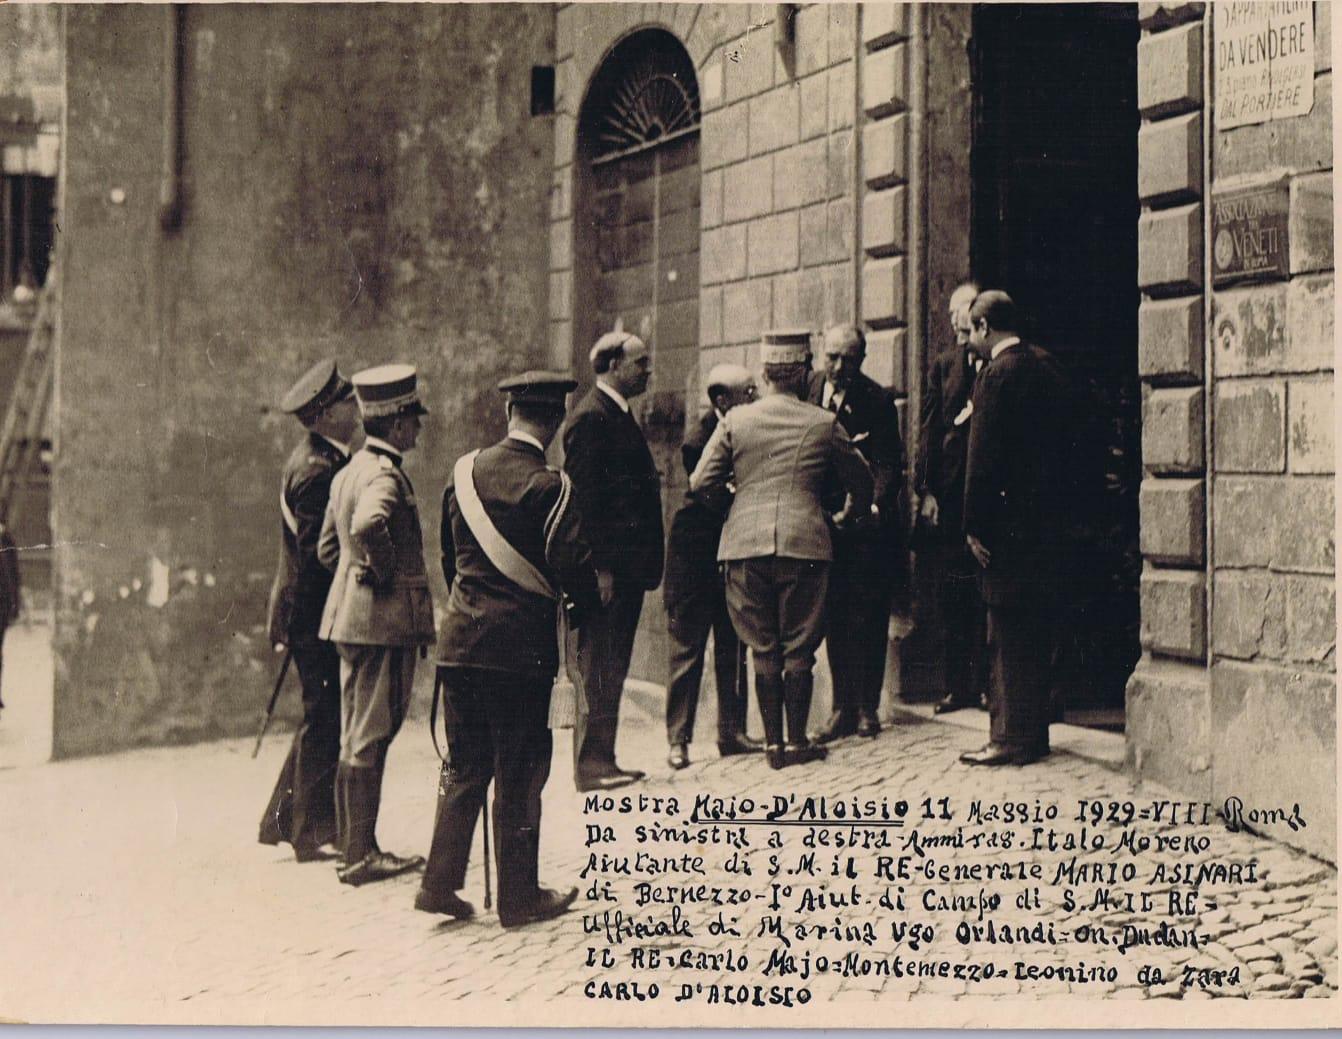 Roma, 11 Maggio 1929 – La Visita del Re Vittorio Emanuele III alla Mostra di Carlo D'Aloisio ed Elisabetta Mayo presso le Stanze del Libro nel Salone delle Tre Venezie